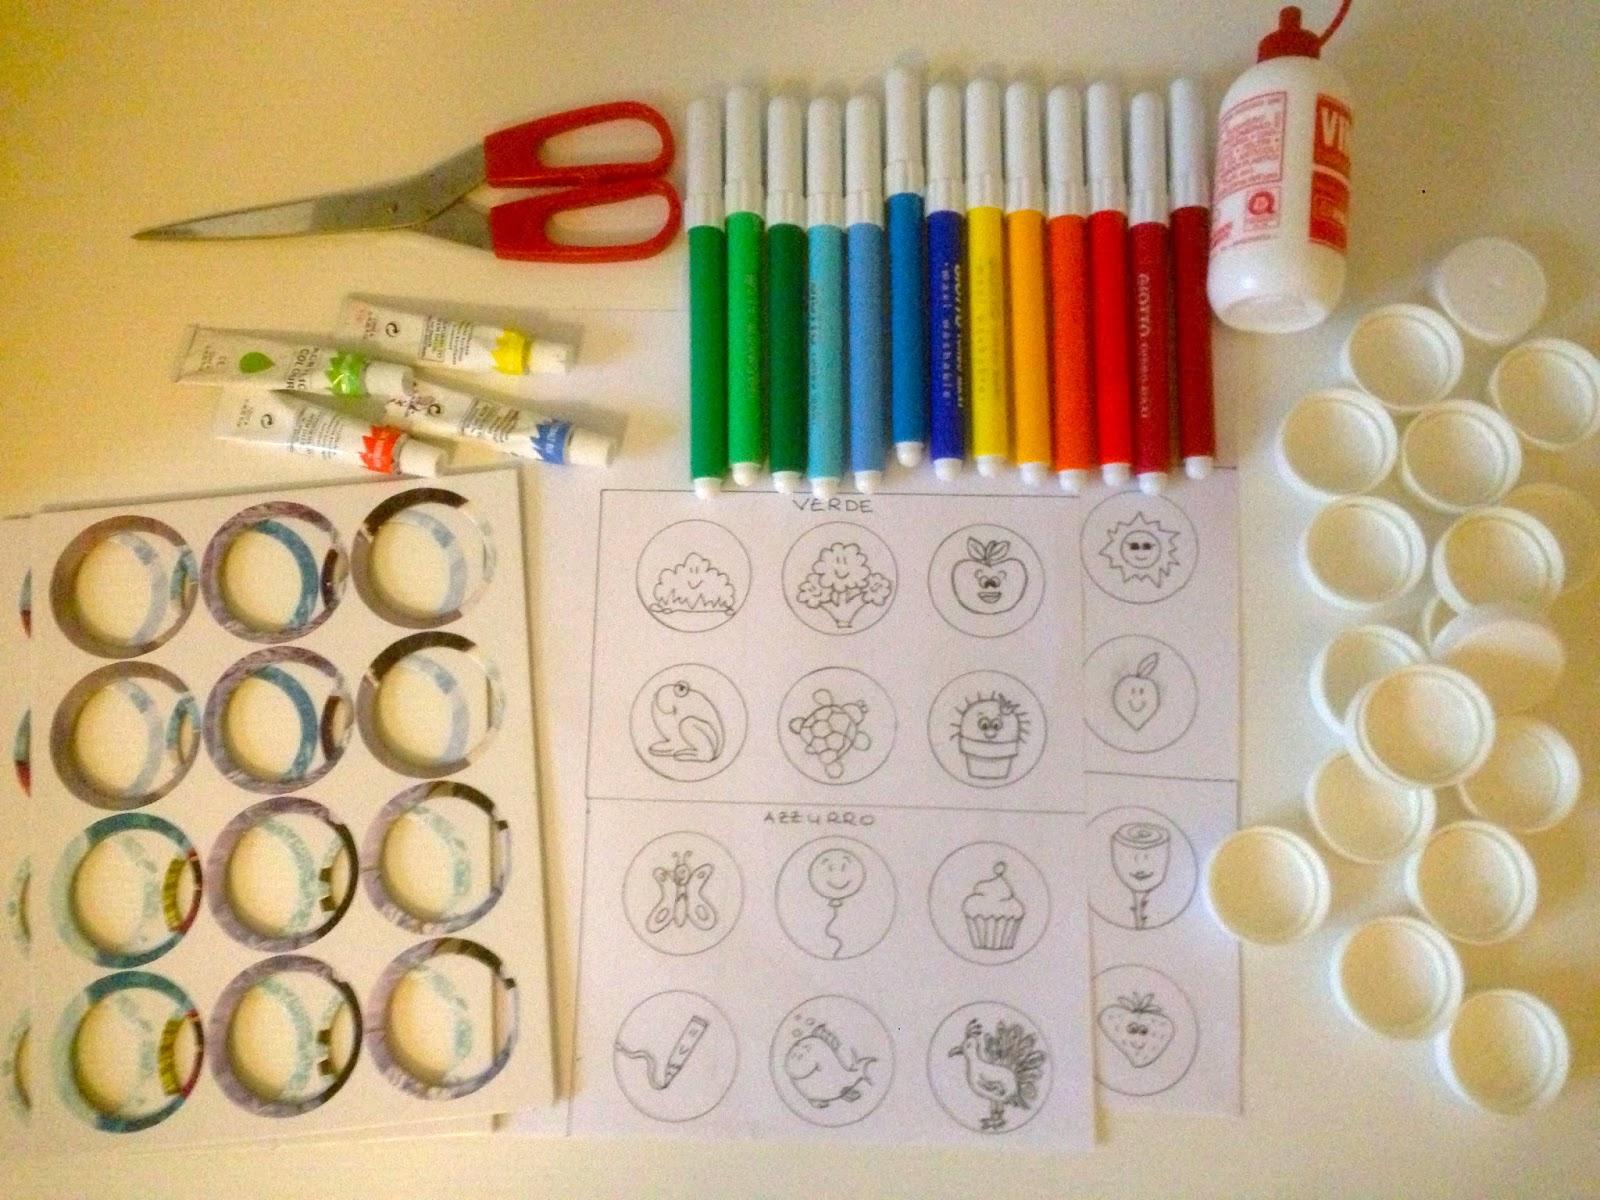 mangia leggi crea: tombola per bambini fai da te - tutorial